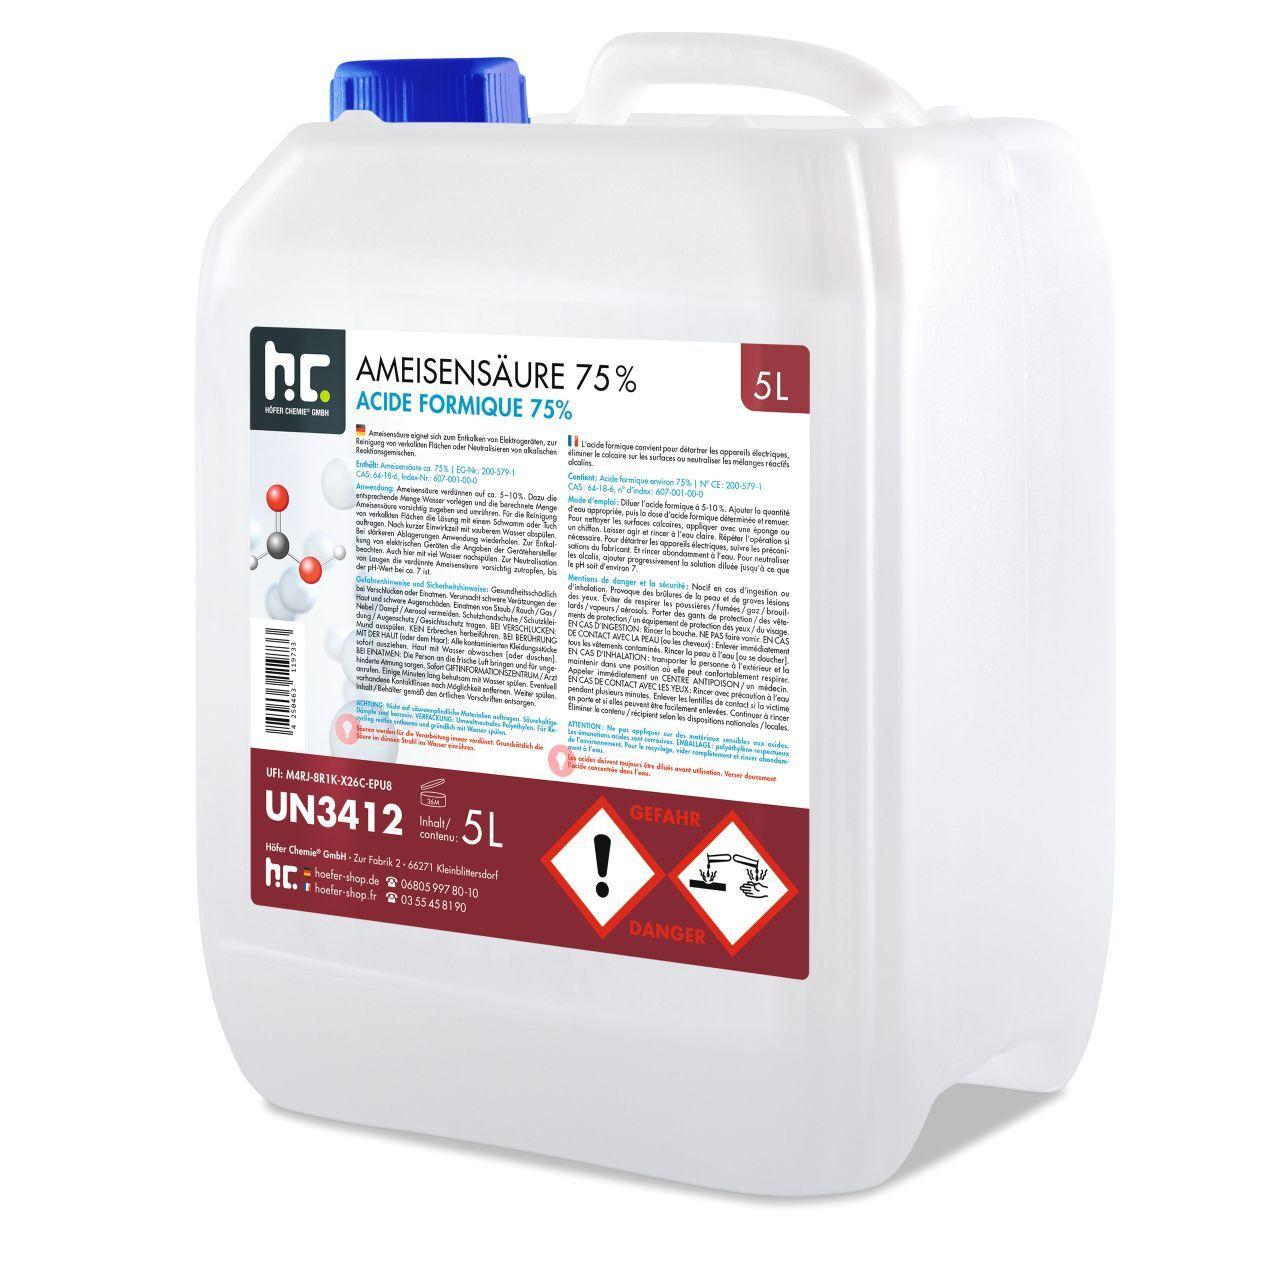 Höfer Chemie 10 l Acide formique 75% qualite technique (2 x 5 l)